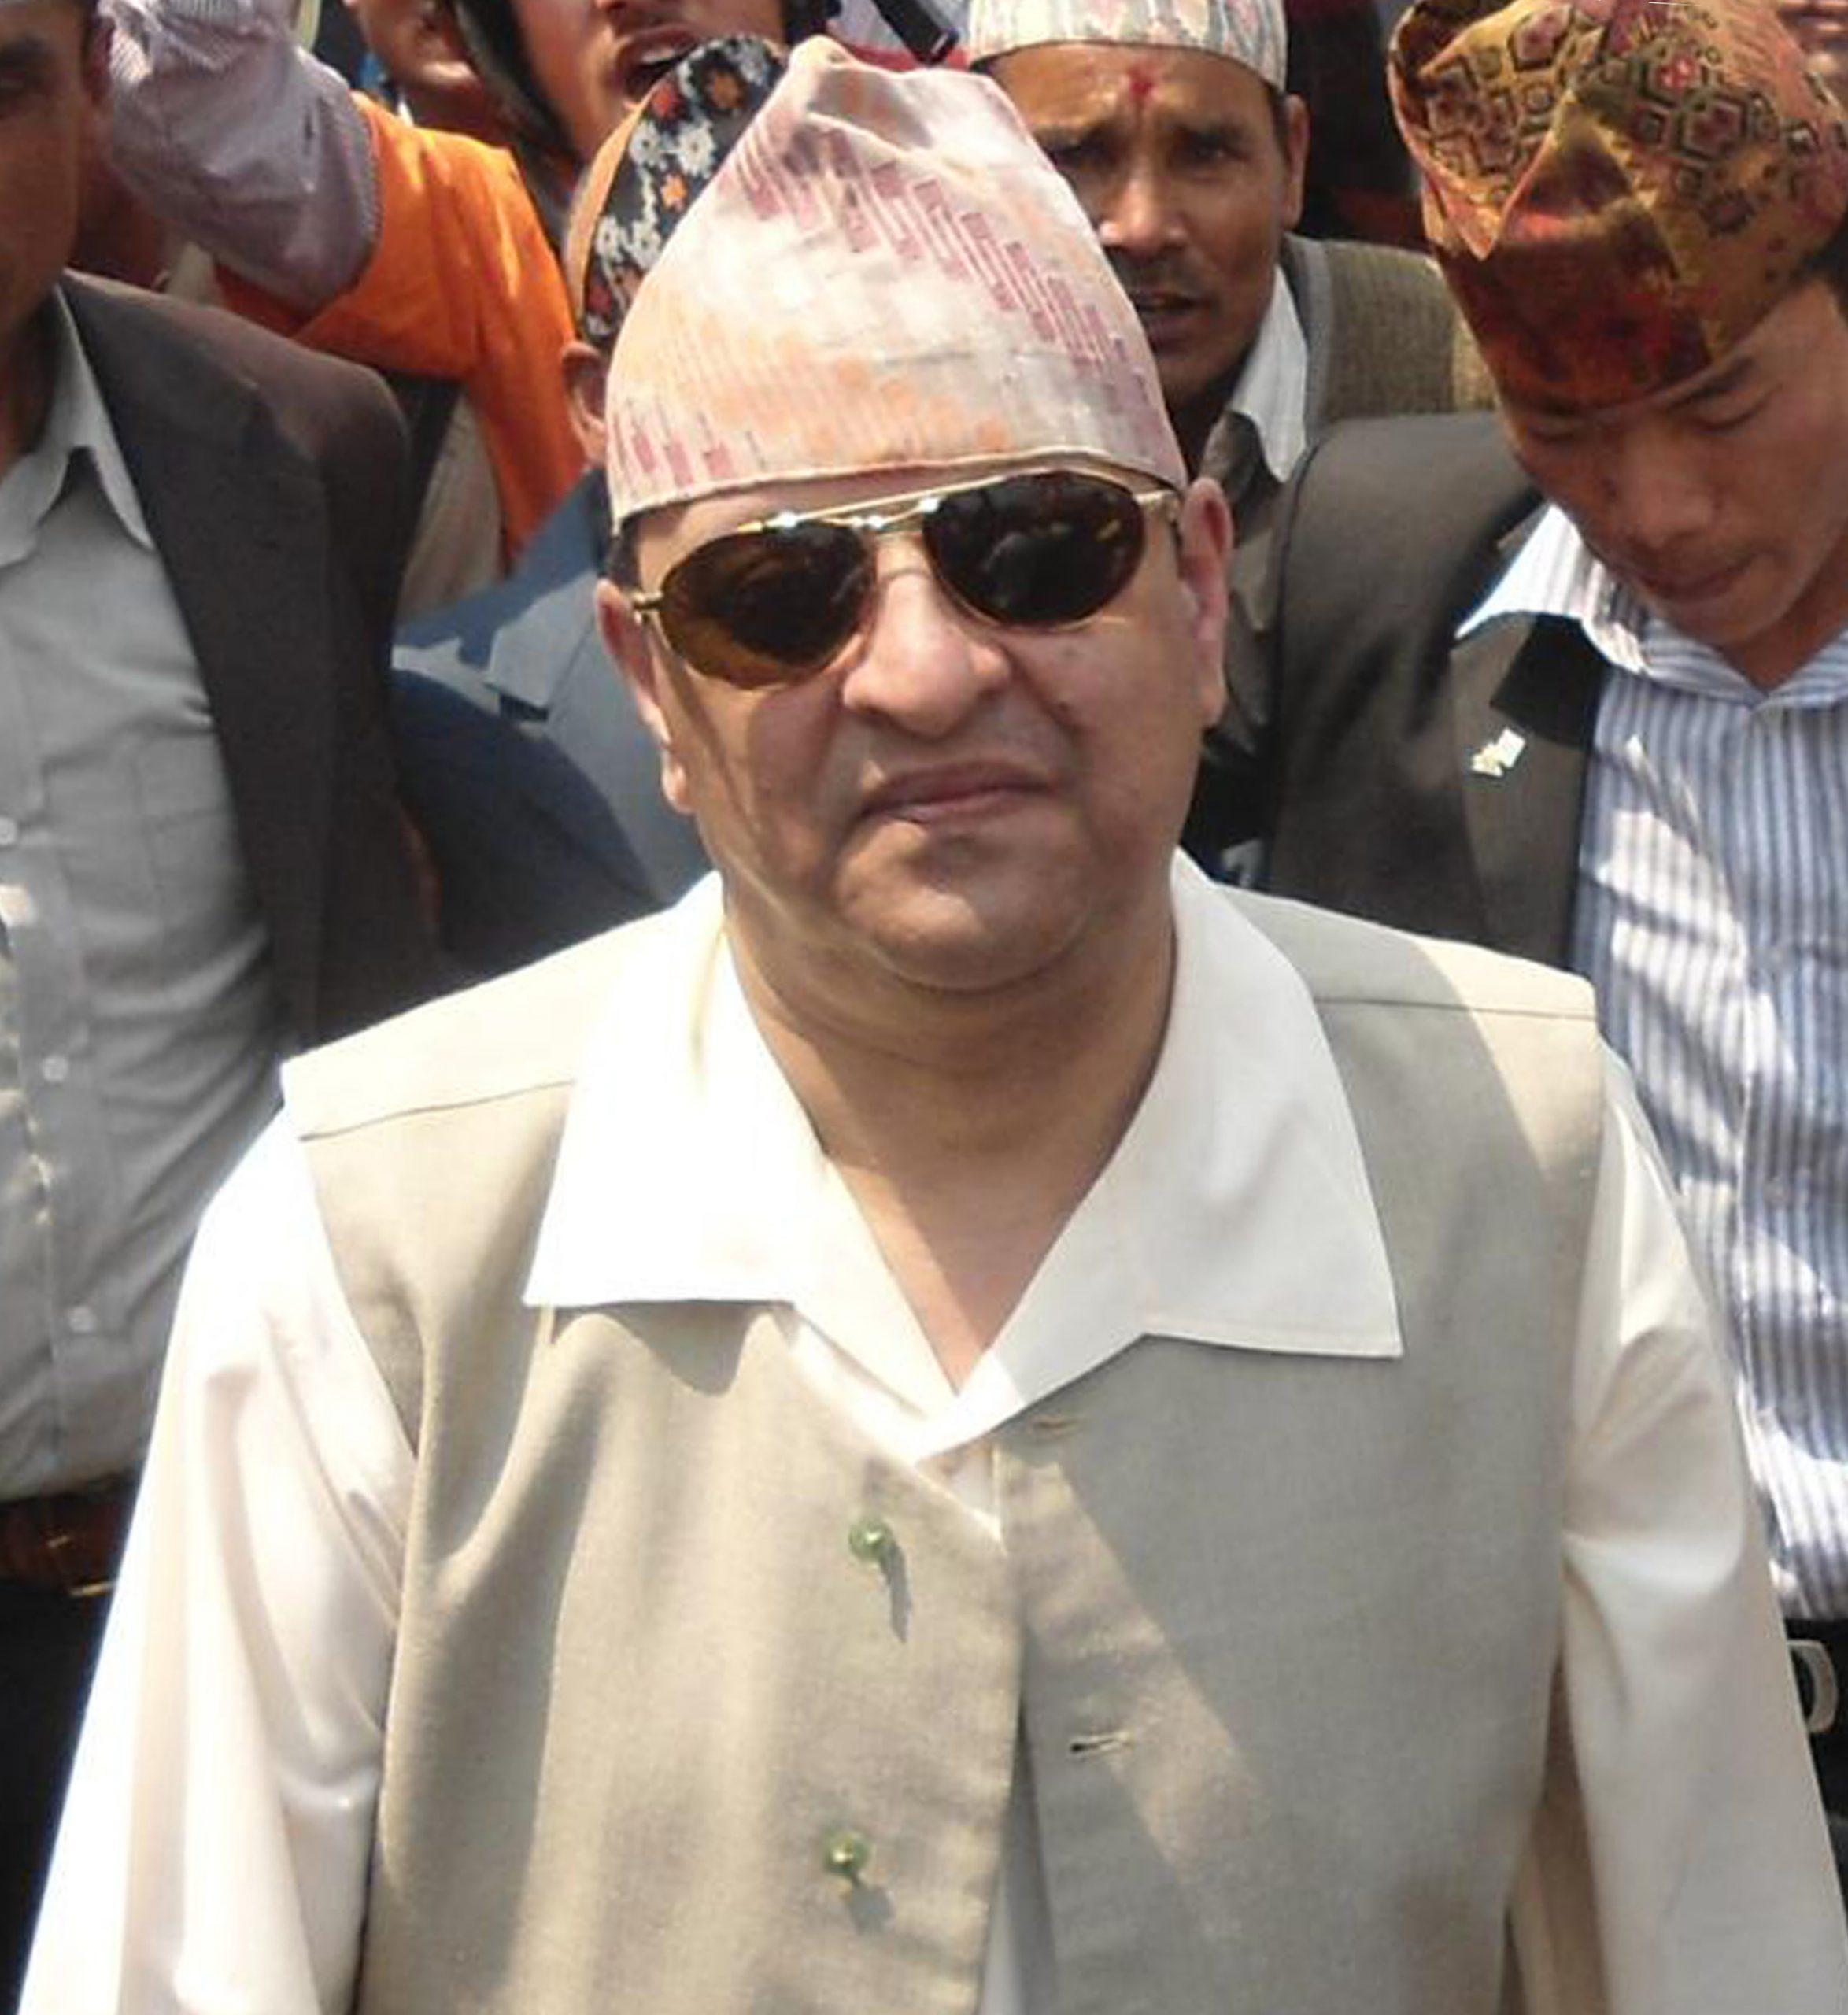 पूर्वराजा ज्ञानेन्द्र झापामै रोकिए, उनको काठमाण्डौं आउने पास गृहले रद्द गरिदियो